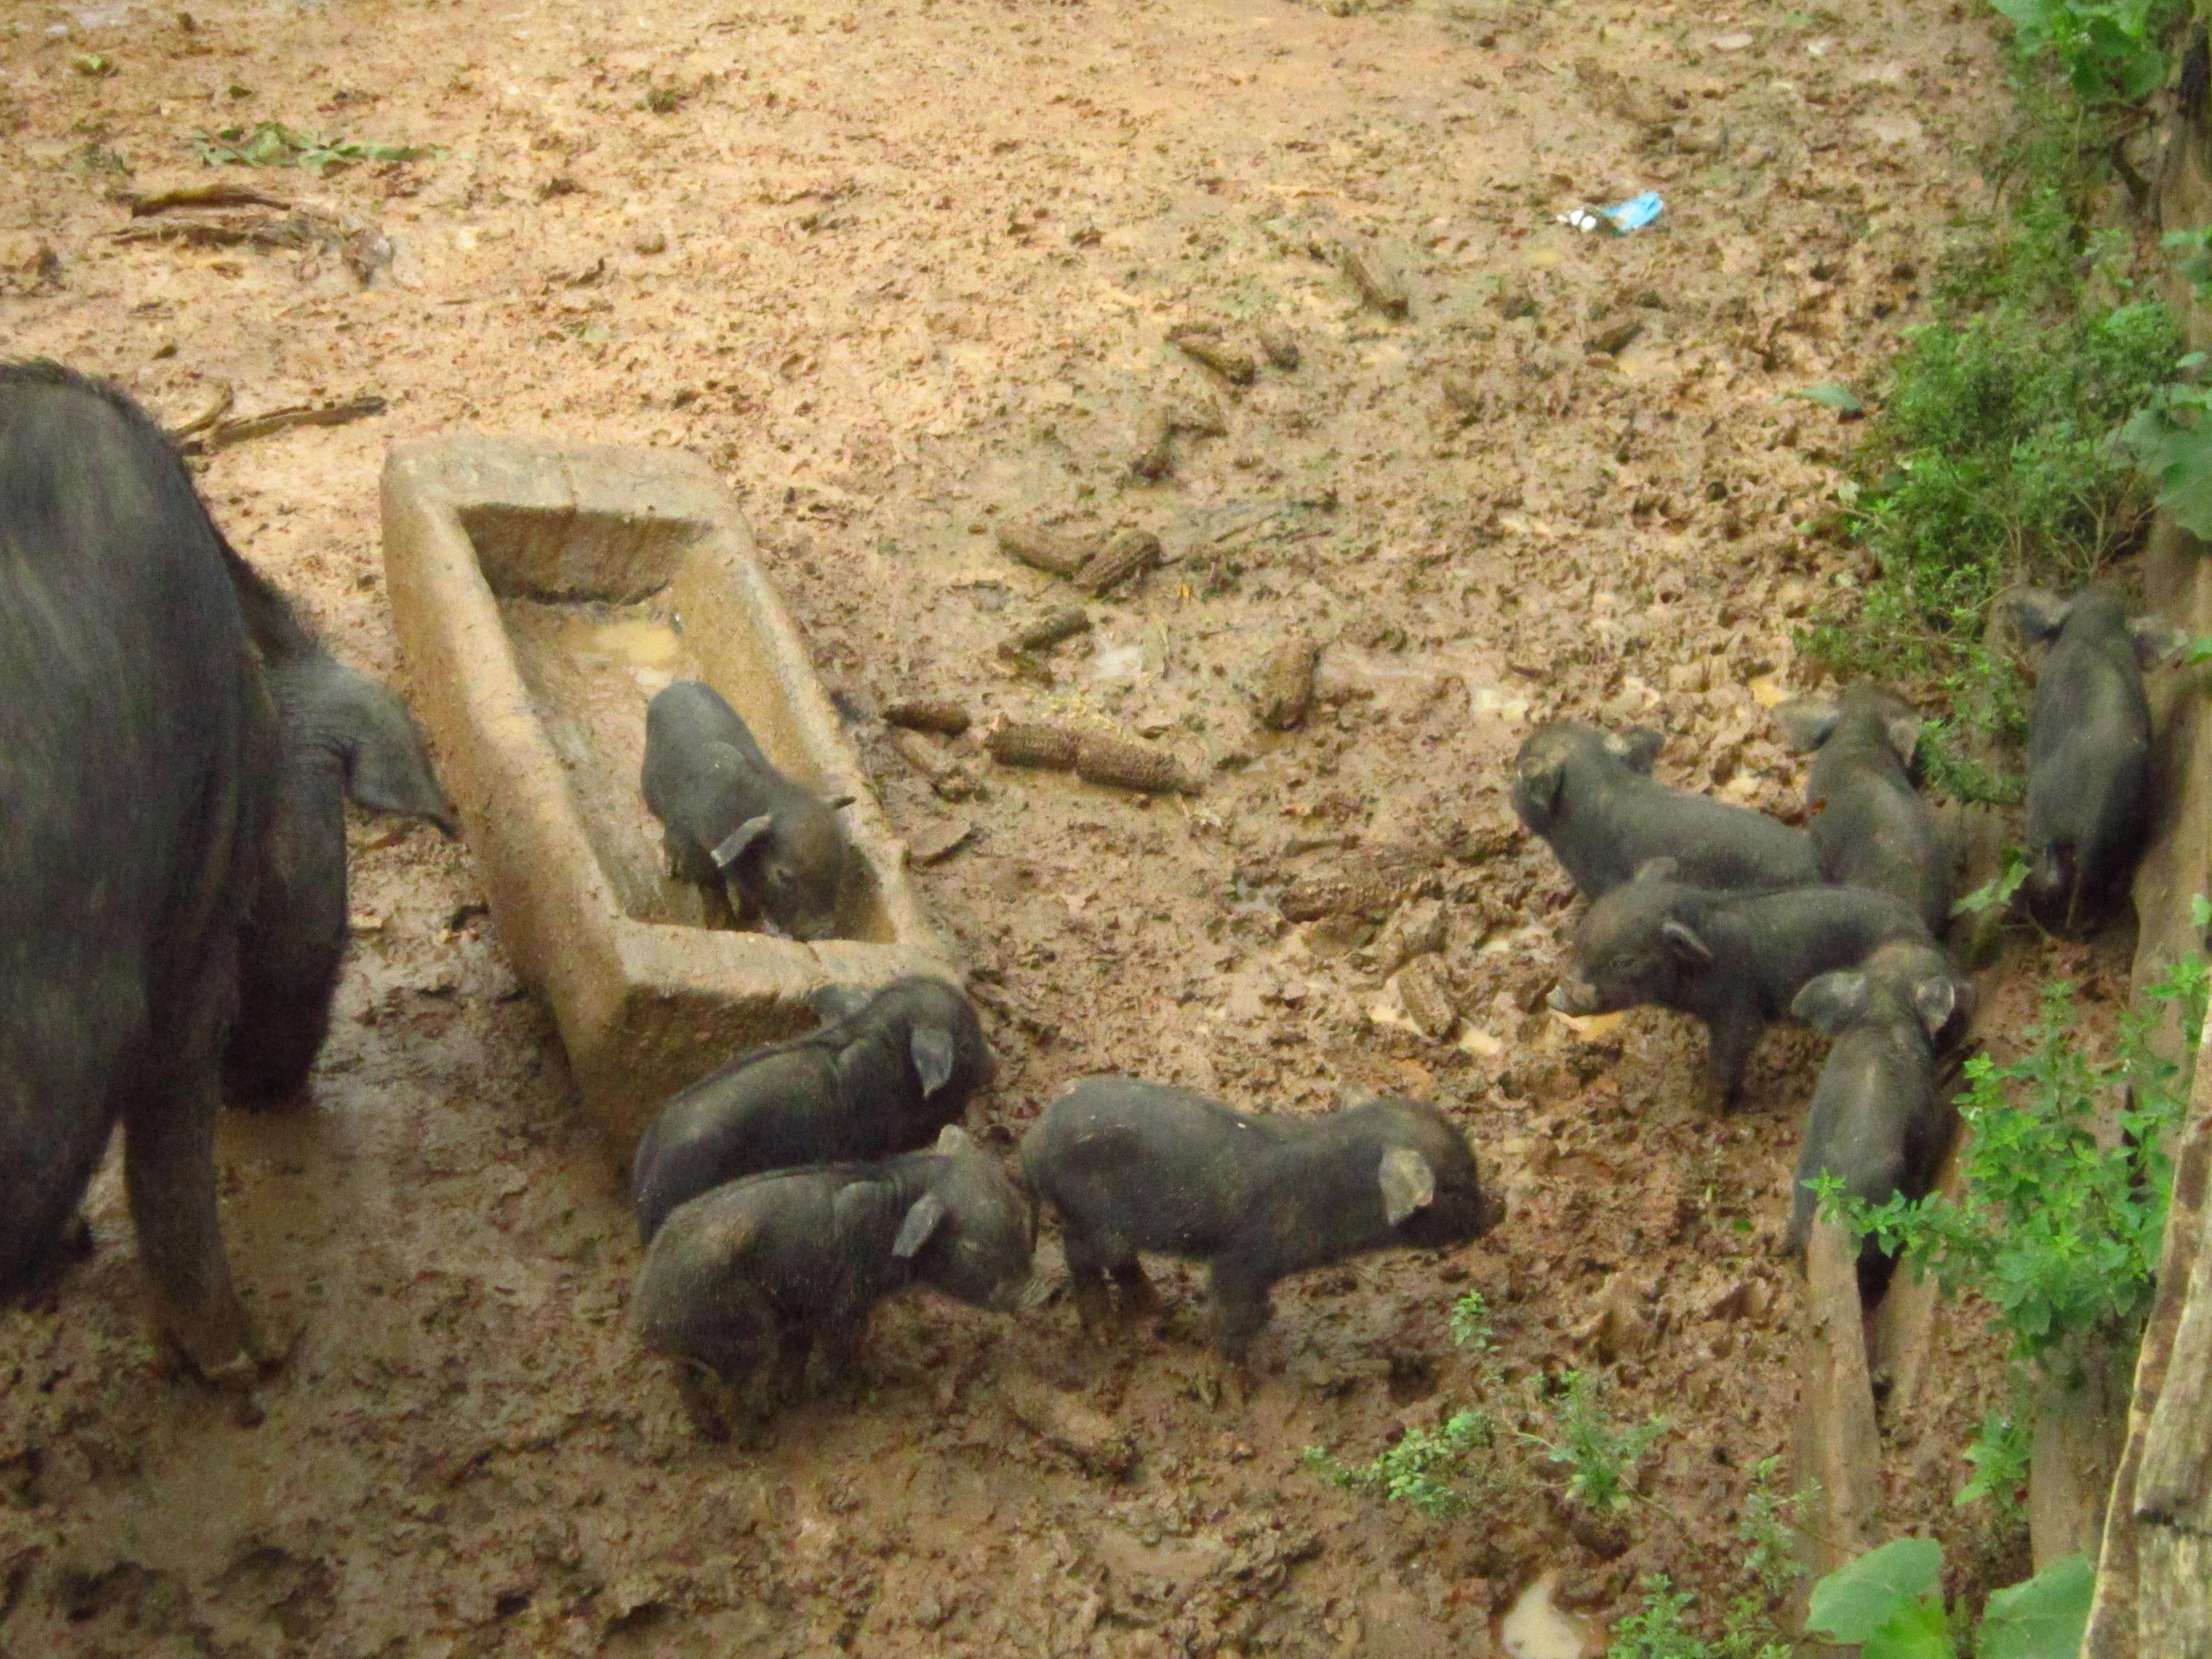 Pia Thailand farm pigs